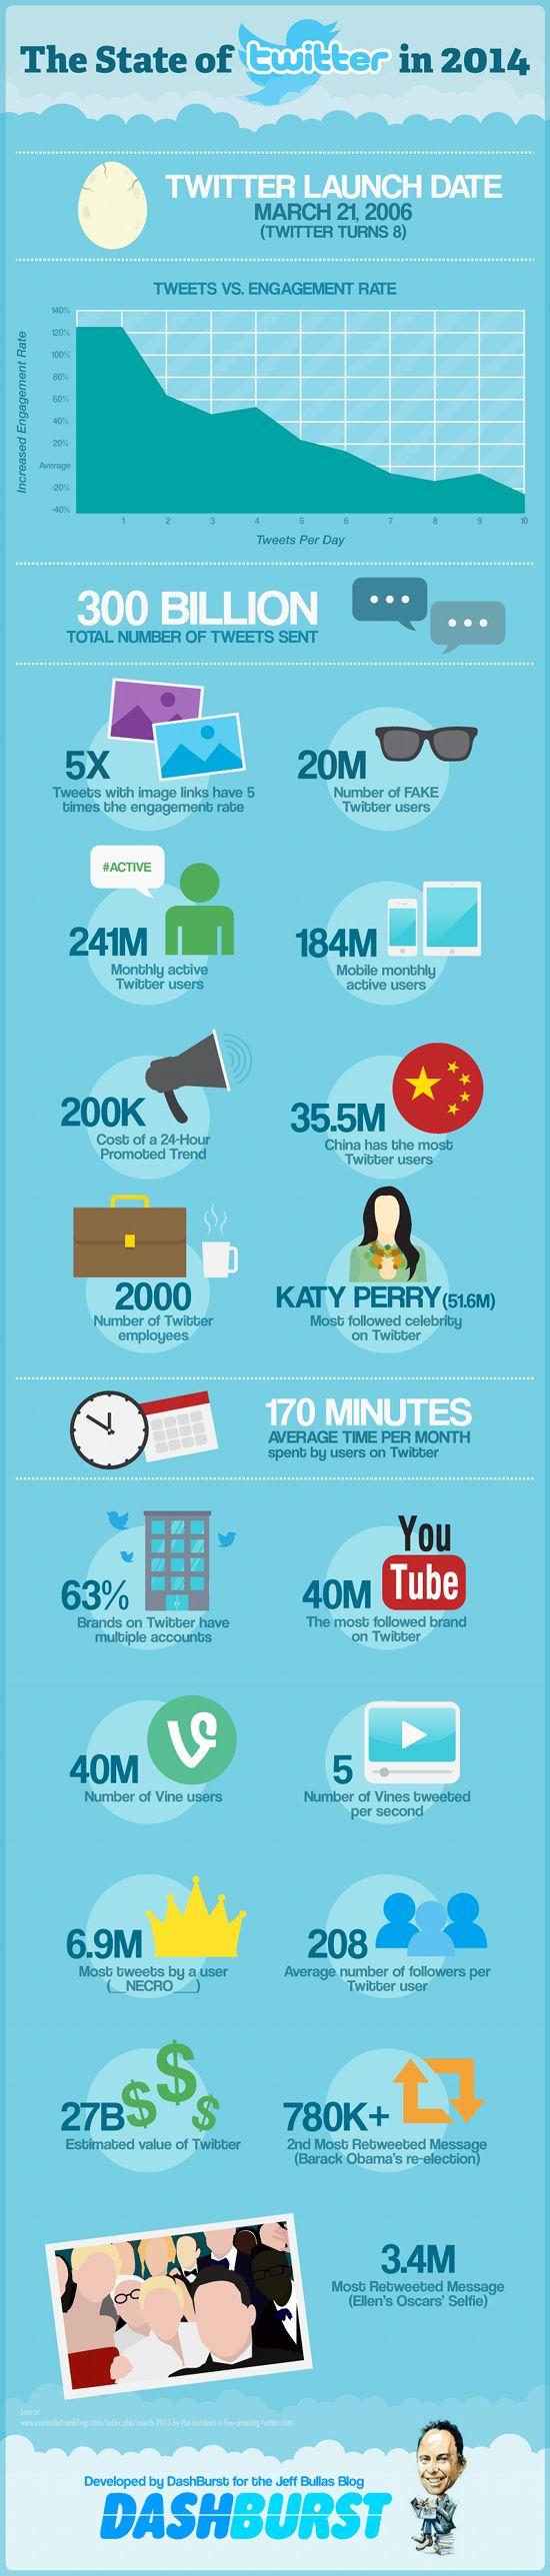 15 faits et chiffres que vous devez connaître sur Twitter